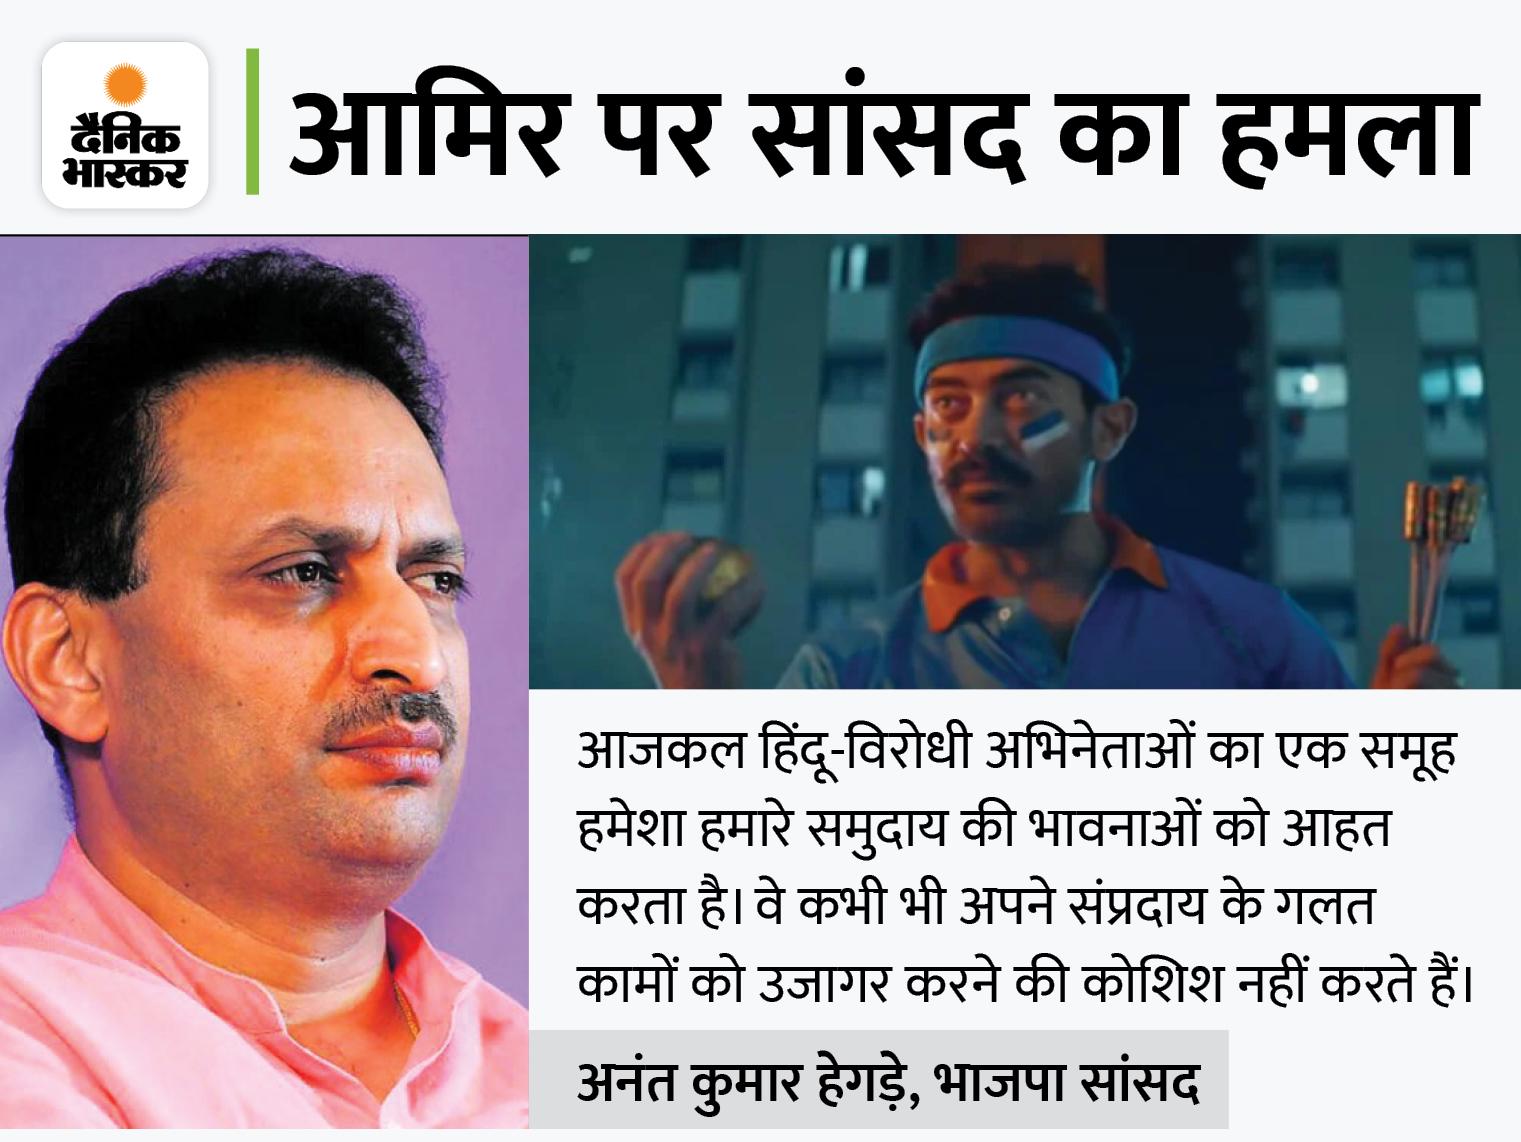 एक विज्ञापन में सड़कों पर पटाखे न चलाने की सलाह दी; BJP सांसद बोले- नमाज के दौरान भी तो सड़कें जाम होती हैं|देश,National - Dainik Bhaskar